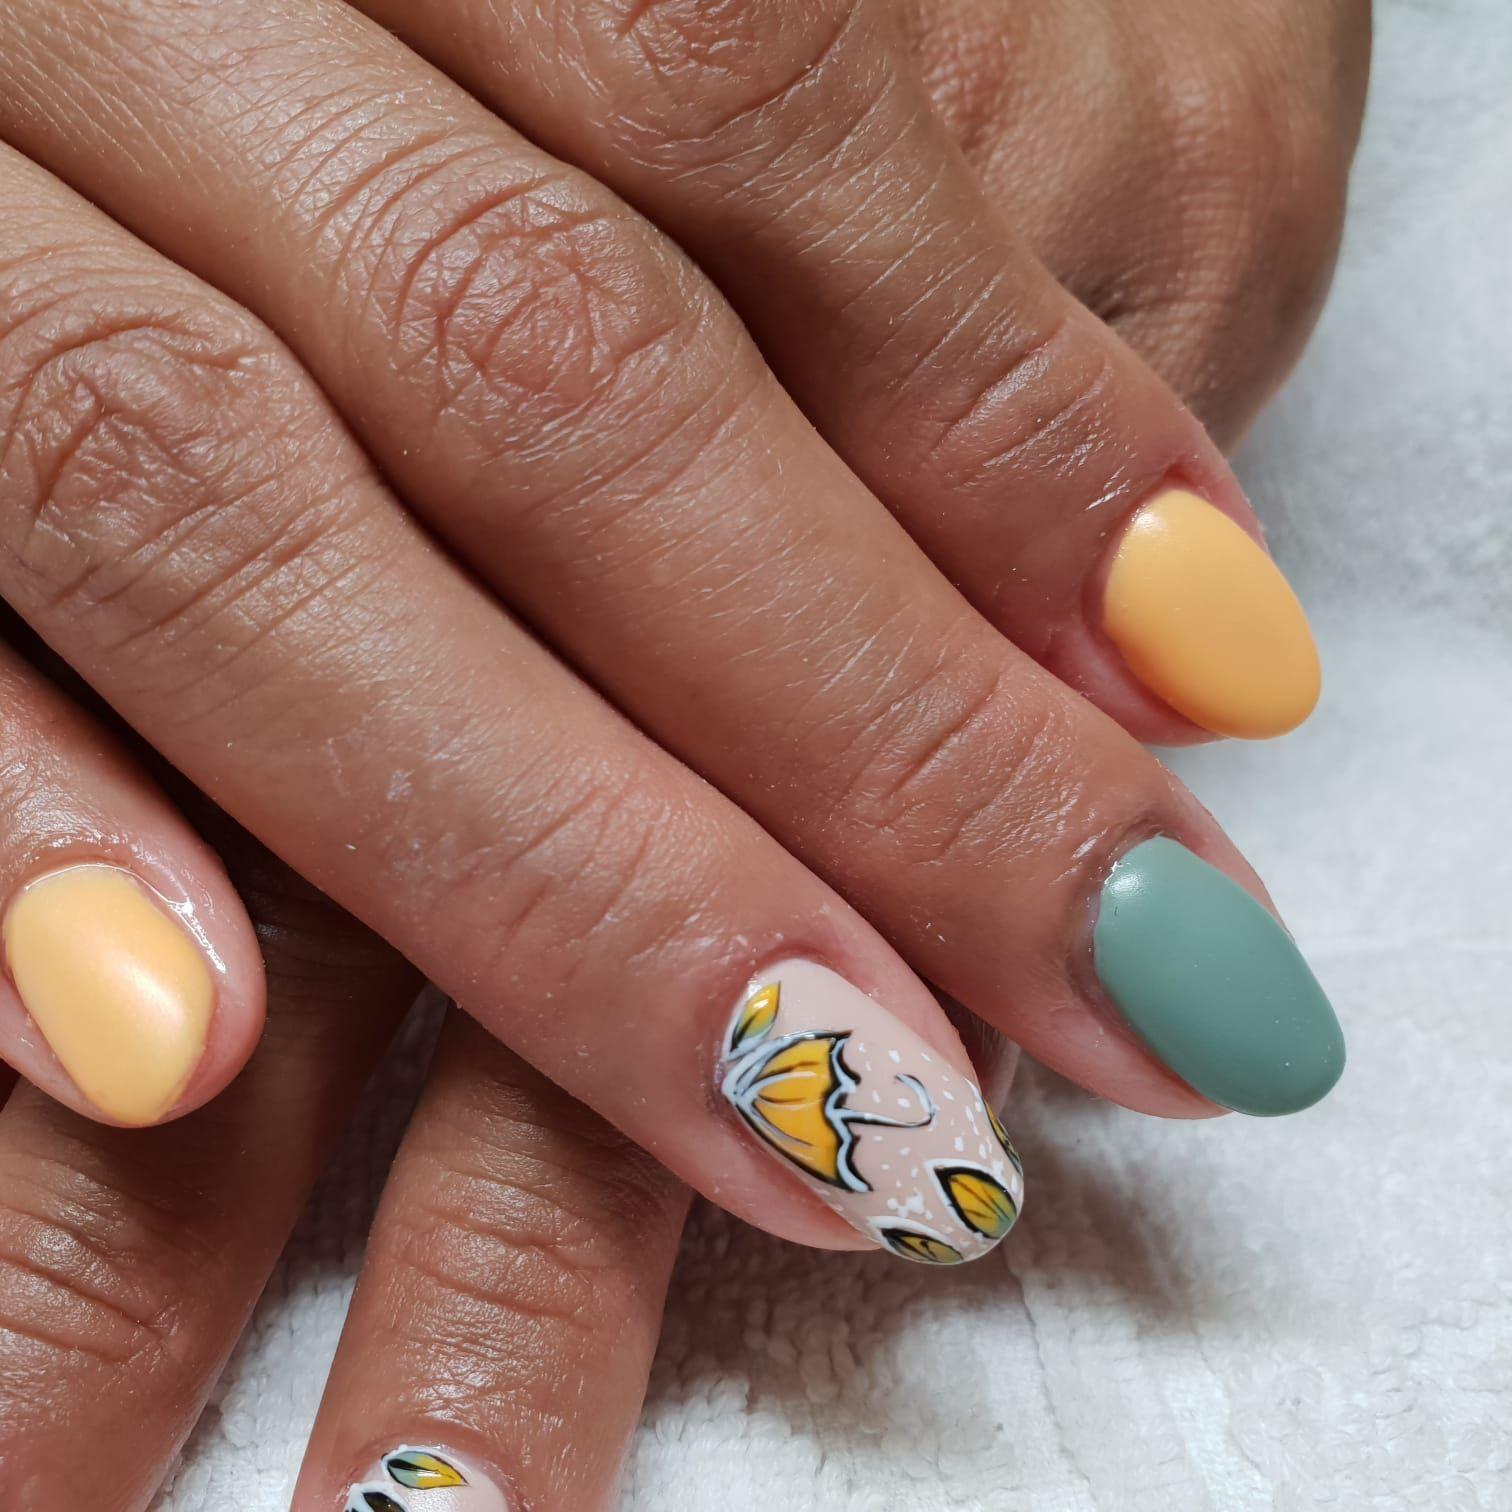 Un diseño diferente de uñas según la ocasión